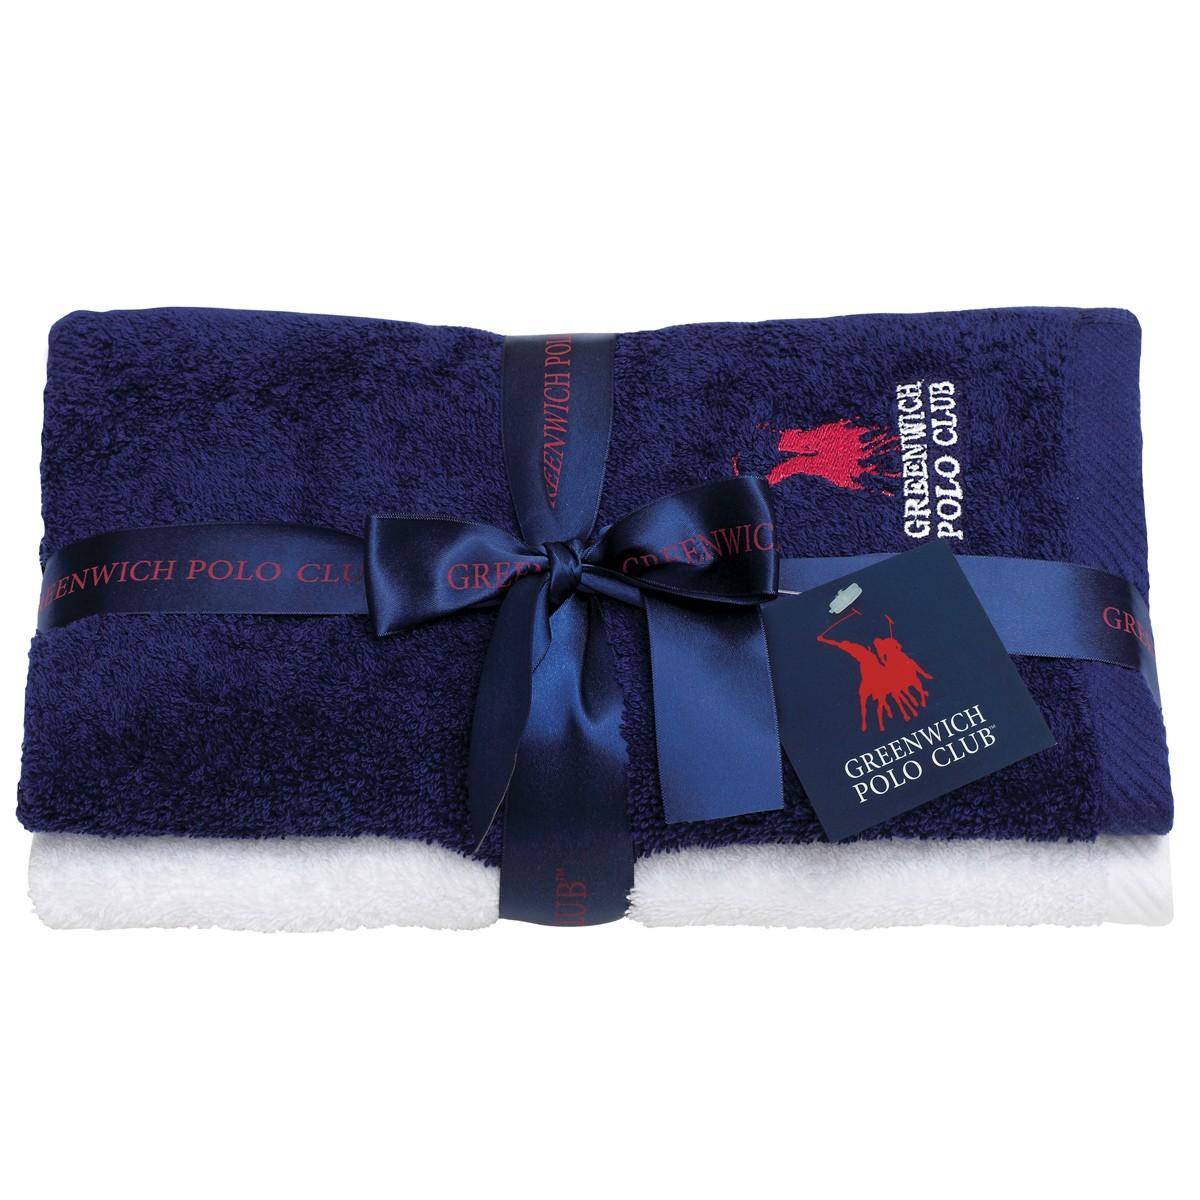 Πετσέτες Προσώπου (Σετ 2τμχ) Polo Club Essential 2507 home   μπάνιο   πετσέτες μπάνιου